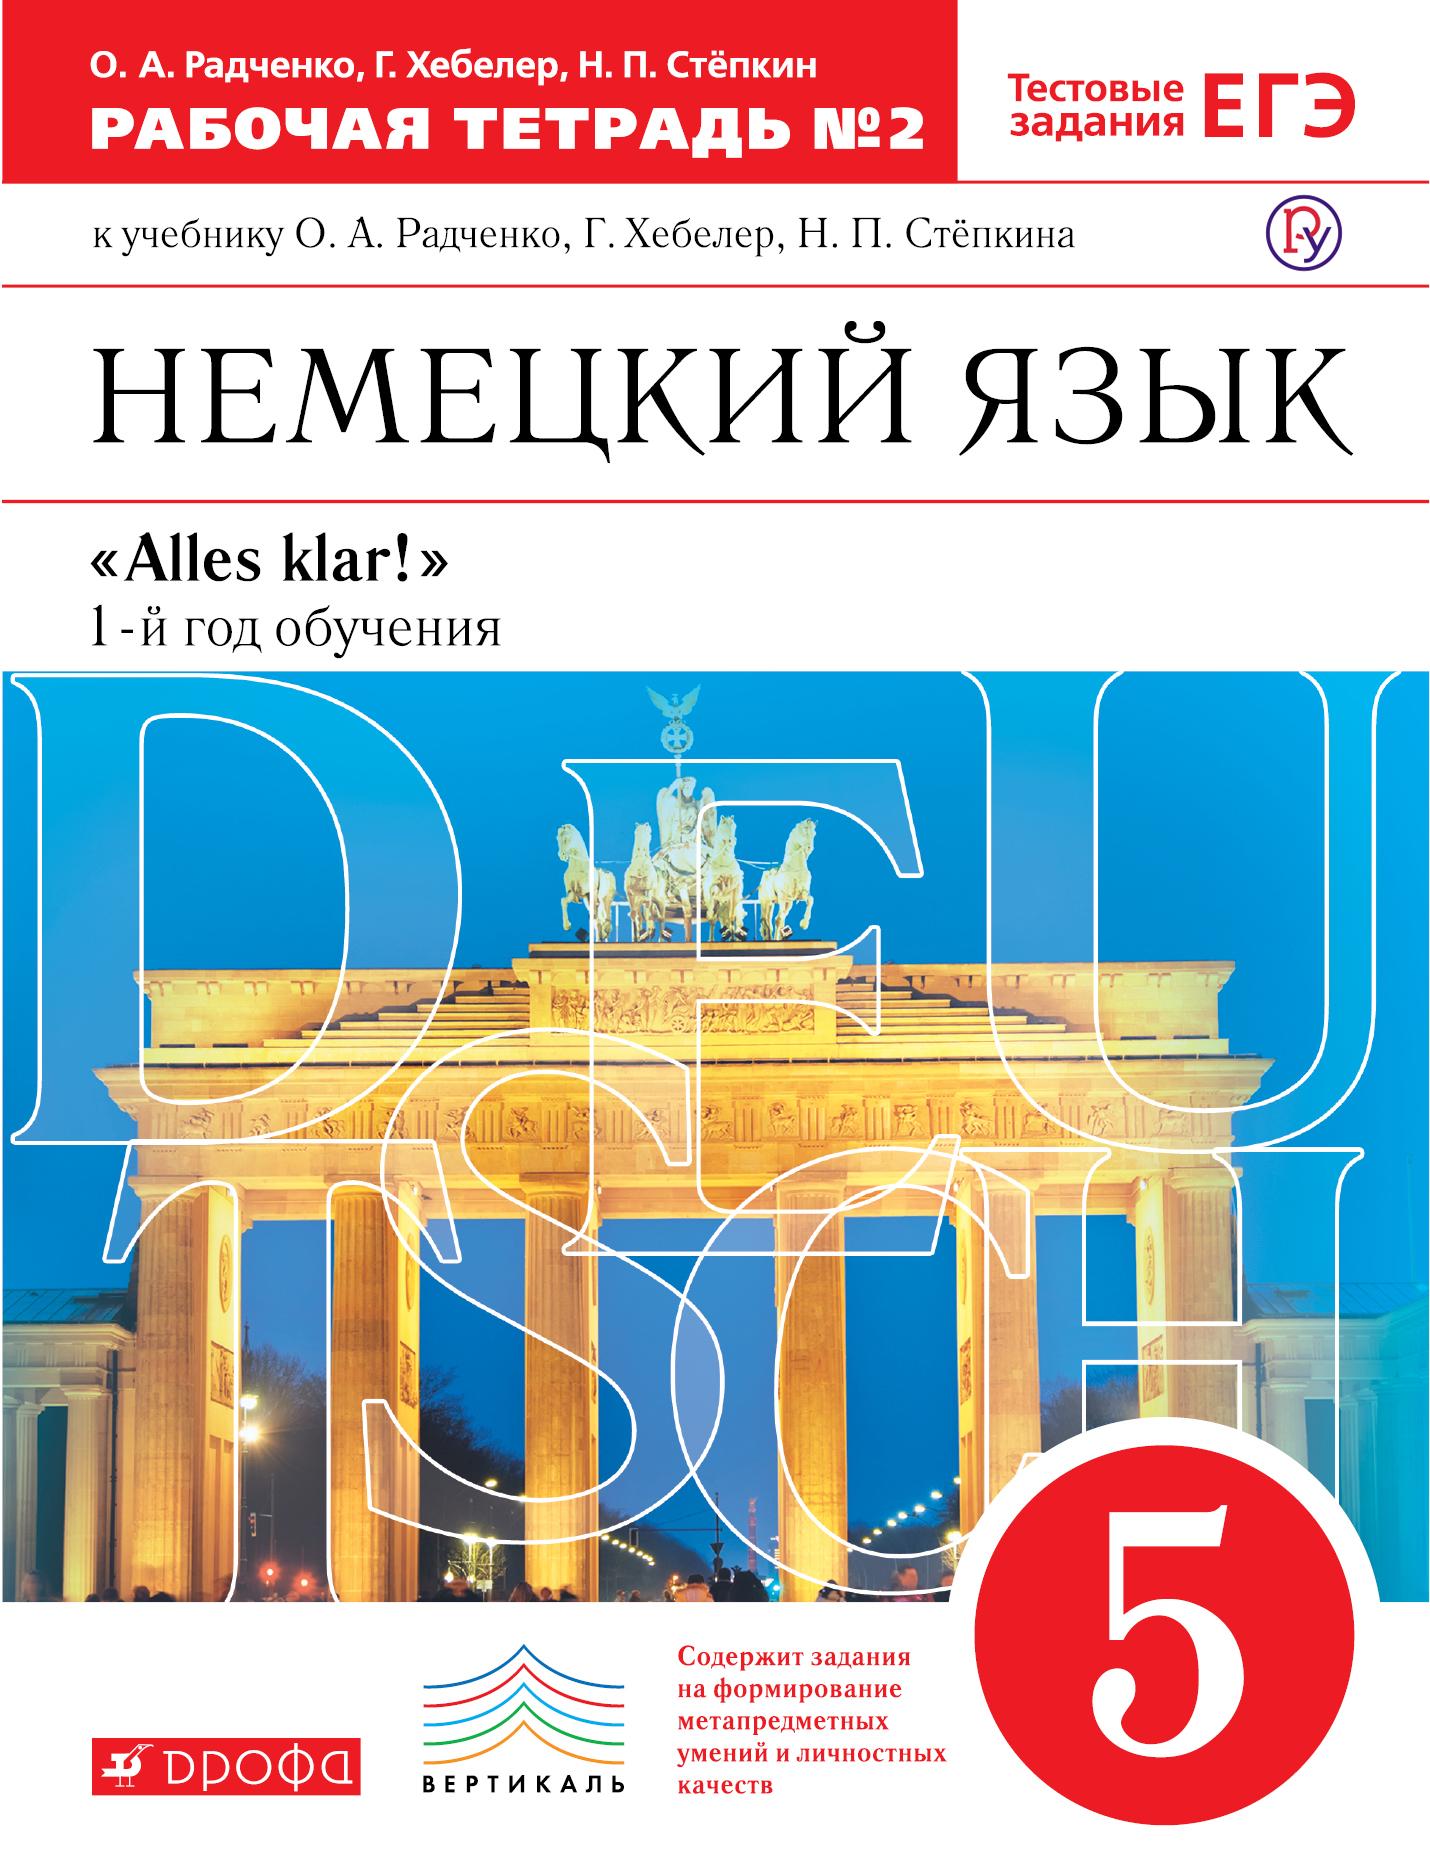 Немецкий язык как второй иностранный. 5 класс. Рабочая тетрадь в 2-х частях. Часть 2